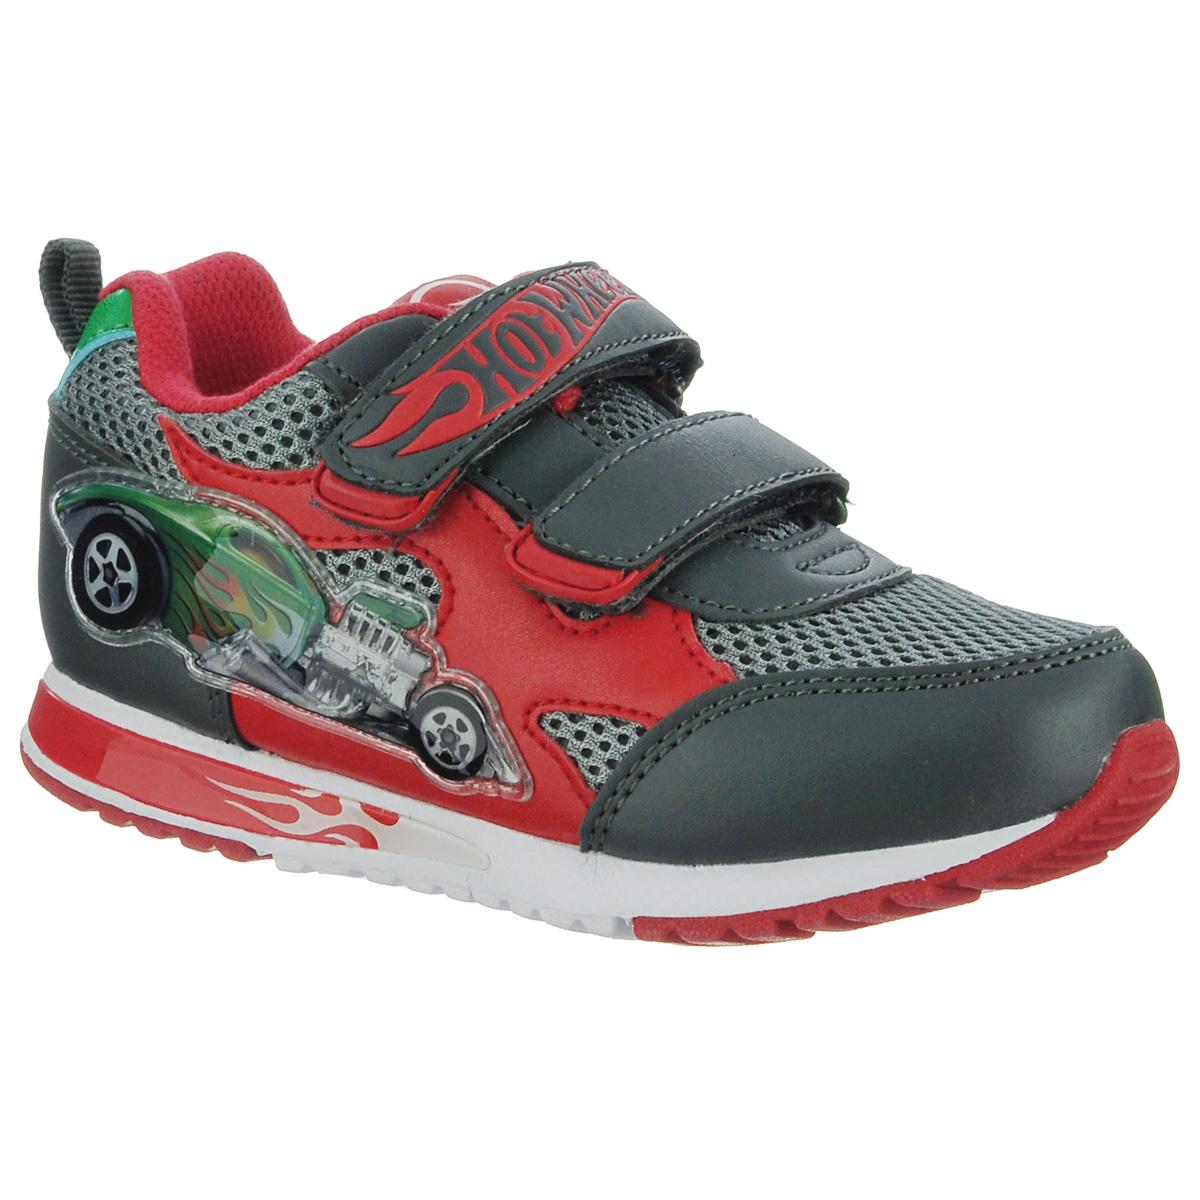 Кроссовки для мальчика. 5414A5414AСтильные кроссовки от Hot Wheels займут достойное место среди спортивной обуви вашего ребенка. Модель выполнена из текстиля с сетчатой поверхностью и декорирована вставками из синтетической кожи, текстильной нашивкой на язычке. Ремешок оформлен названием бренда, боковая сторона - изображением автомобиля, задник - логотипом бренда. Резиновый каркас носка защищает детскую стопу от ударов при ходьбе. Воздухопроницаемая поверхность верха обеспечивает отличную вентиляцию, позволяет ногам дышать. Два ремешка на застежках-липучках отвечают за надежную фиксацию модели на ноге. Стелька из текстиля дополнена супинатором с перфорацией, который гарантирует правильное положение ноги ребенка при ходьбе, предотвращает плоскостопие. Задник оснащен ярлычком, который облегчает процесс надевания обуви. Подошва с рифлением обеспечивает идеальное сцепление с любыми поверхностями. Удобные кроссовки - необходимая вещь в гардеробе каждого ребенка.